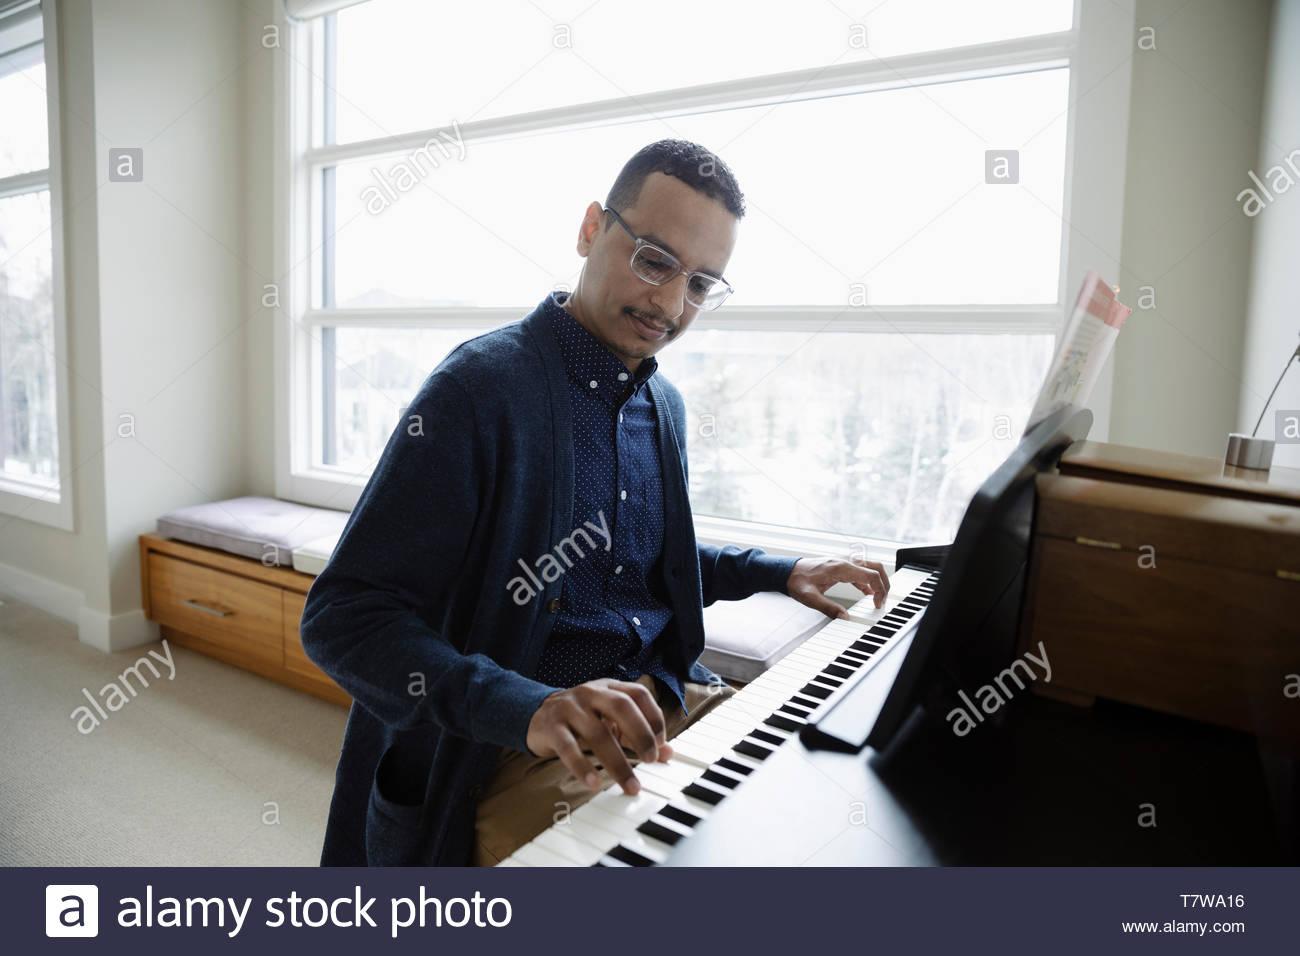 L'uomo suonare il pianoforte a casa Immagini Stock